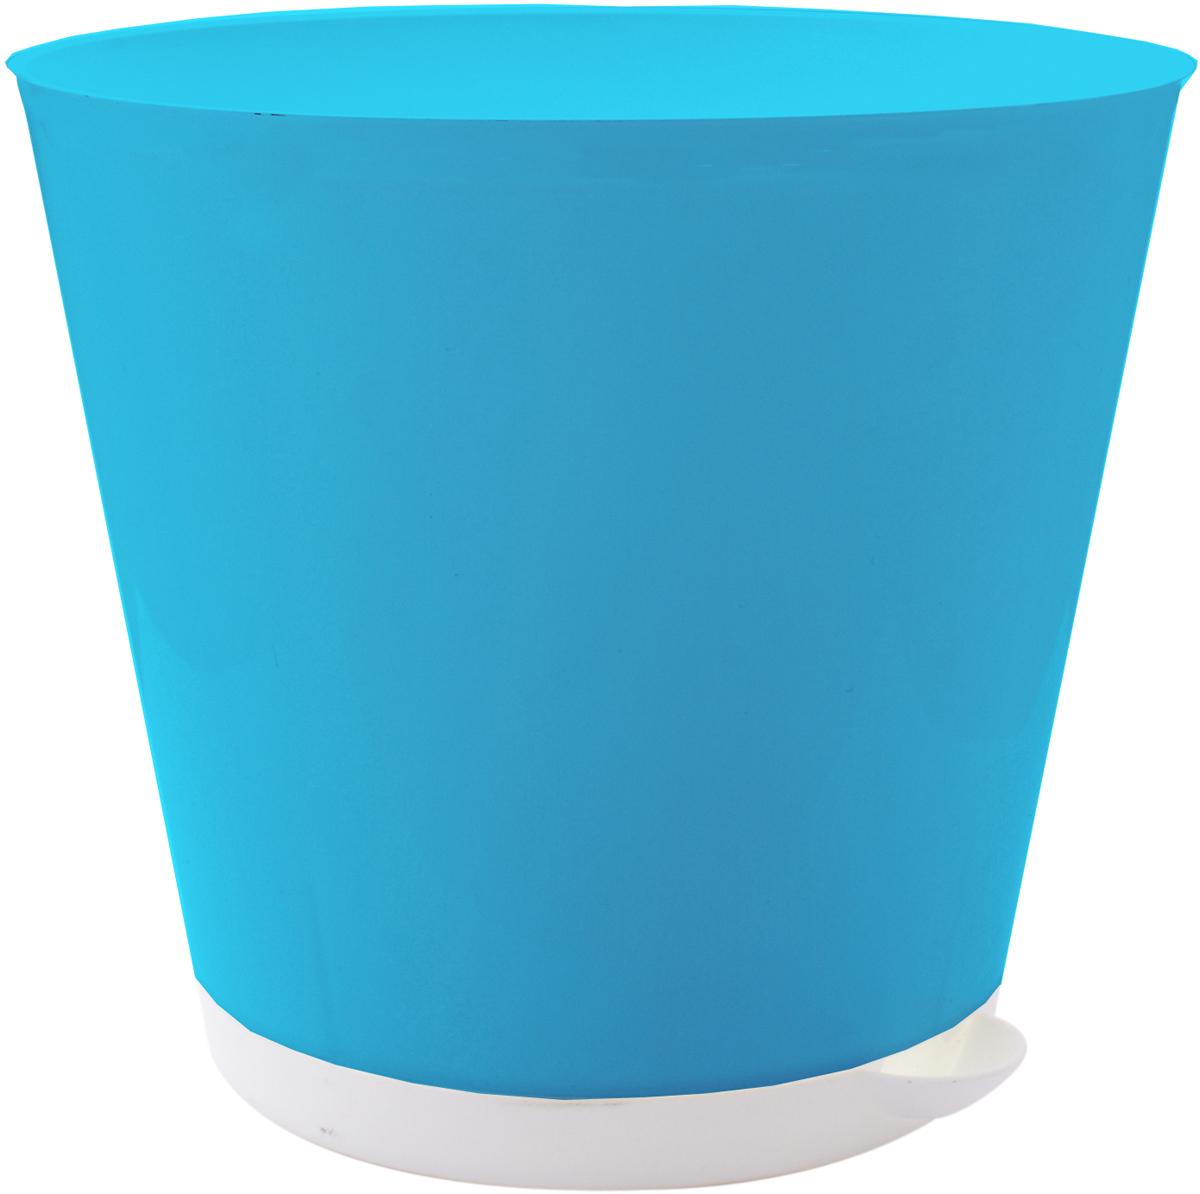 Горшок для цветов InGreen Крит, с системой прикорневого полива, цвет: светло-синий, белый, диаметр 25,4 смING46025СВСНГоршок InGreen Крит, выполненный из высококачественного пластика, предназначен для выращивания комнатных цветов, растений и трав. Специальная конструкция обеспечивает вентиляцию в корневой системе растения, а дренажные отверстия позволяют выходить лишней влаге из почвы. Крепежные отверстия и штыри прочно крепят подставку к горшку. Прикорневой полив растения осуществляется через удобный носик. Система прикорневого полива позволяет оставлять комнатное растение без внимания тем, кто часто находится в командировках или собирается в отпуск и не имеет возможности вовремя поливать цветы.Такой горшок порадует вас современным дизайном и функциональностью, а также оригинально украсит интерьер любого помещения. Объем: 7 л.Диаметр горшка (по верхнему краю): 25,4 см.Высота горшка: 22,6 см.